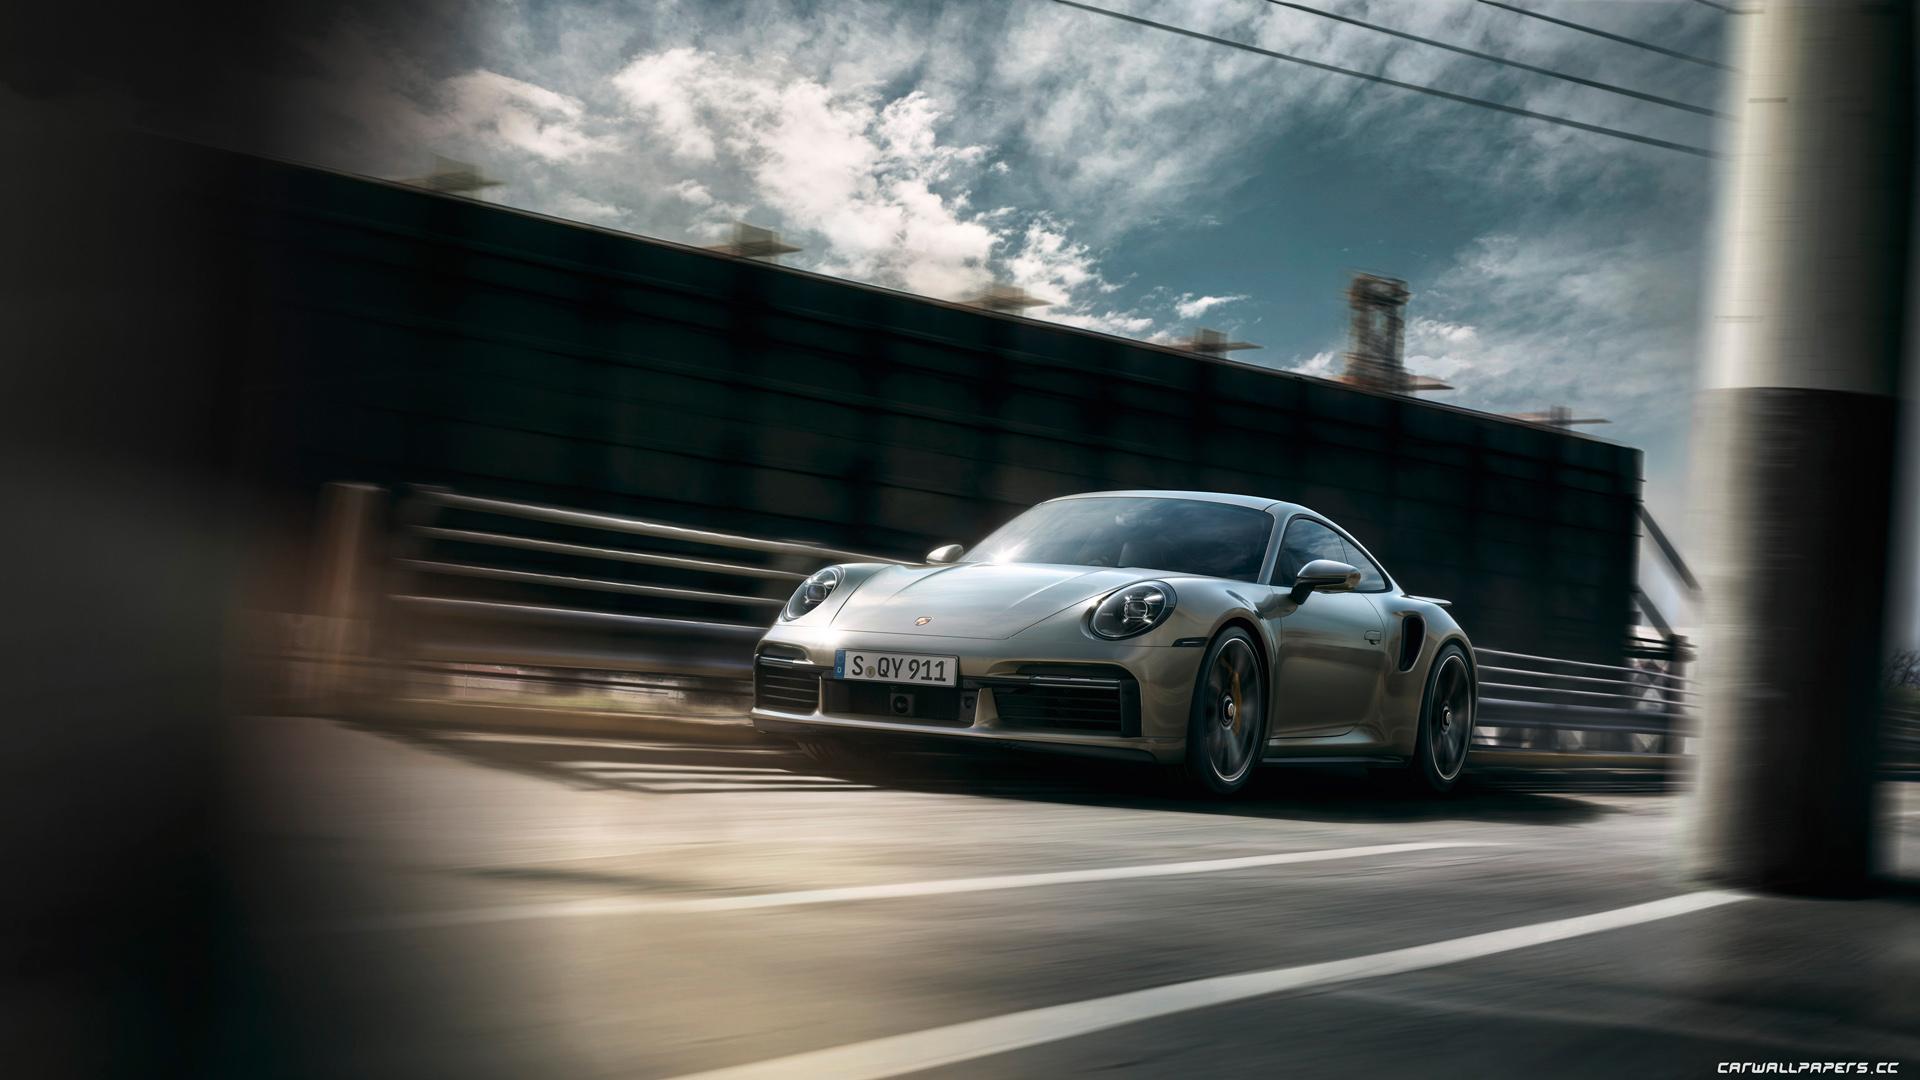 Cars Desktop Wallpapers Porsche 911 Turbo S 2020